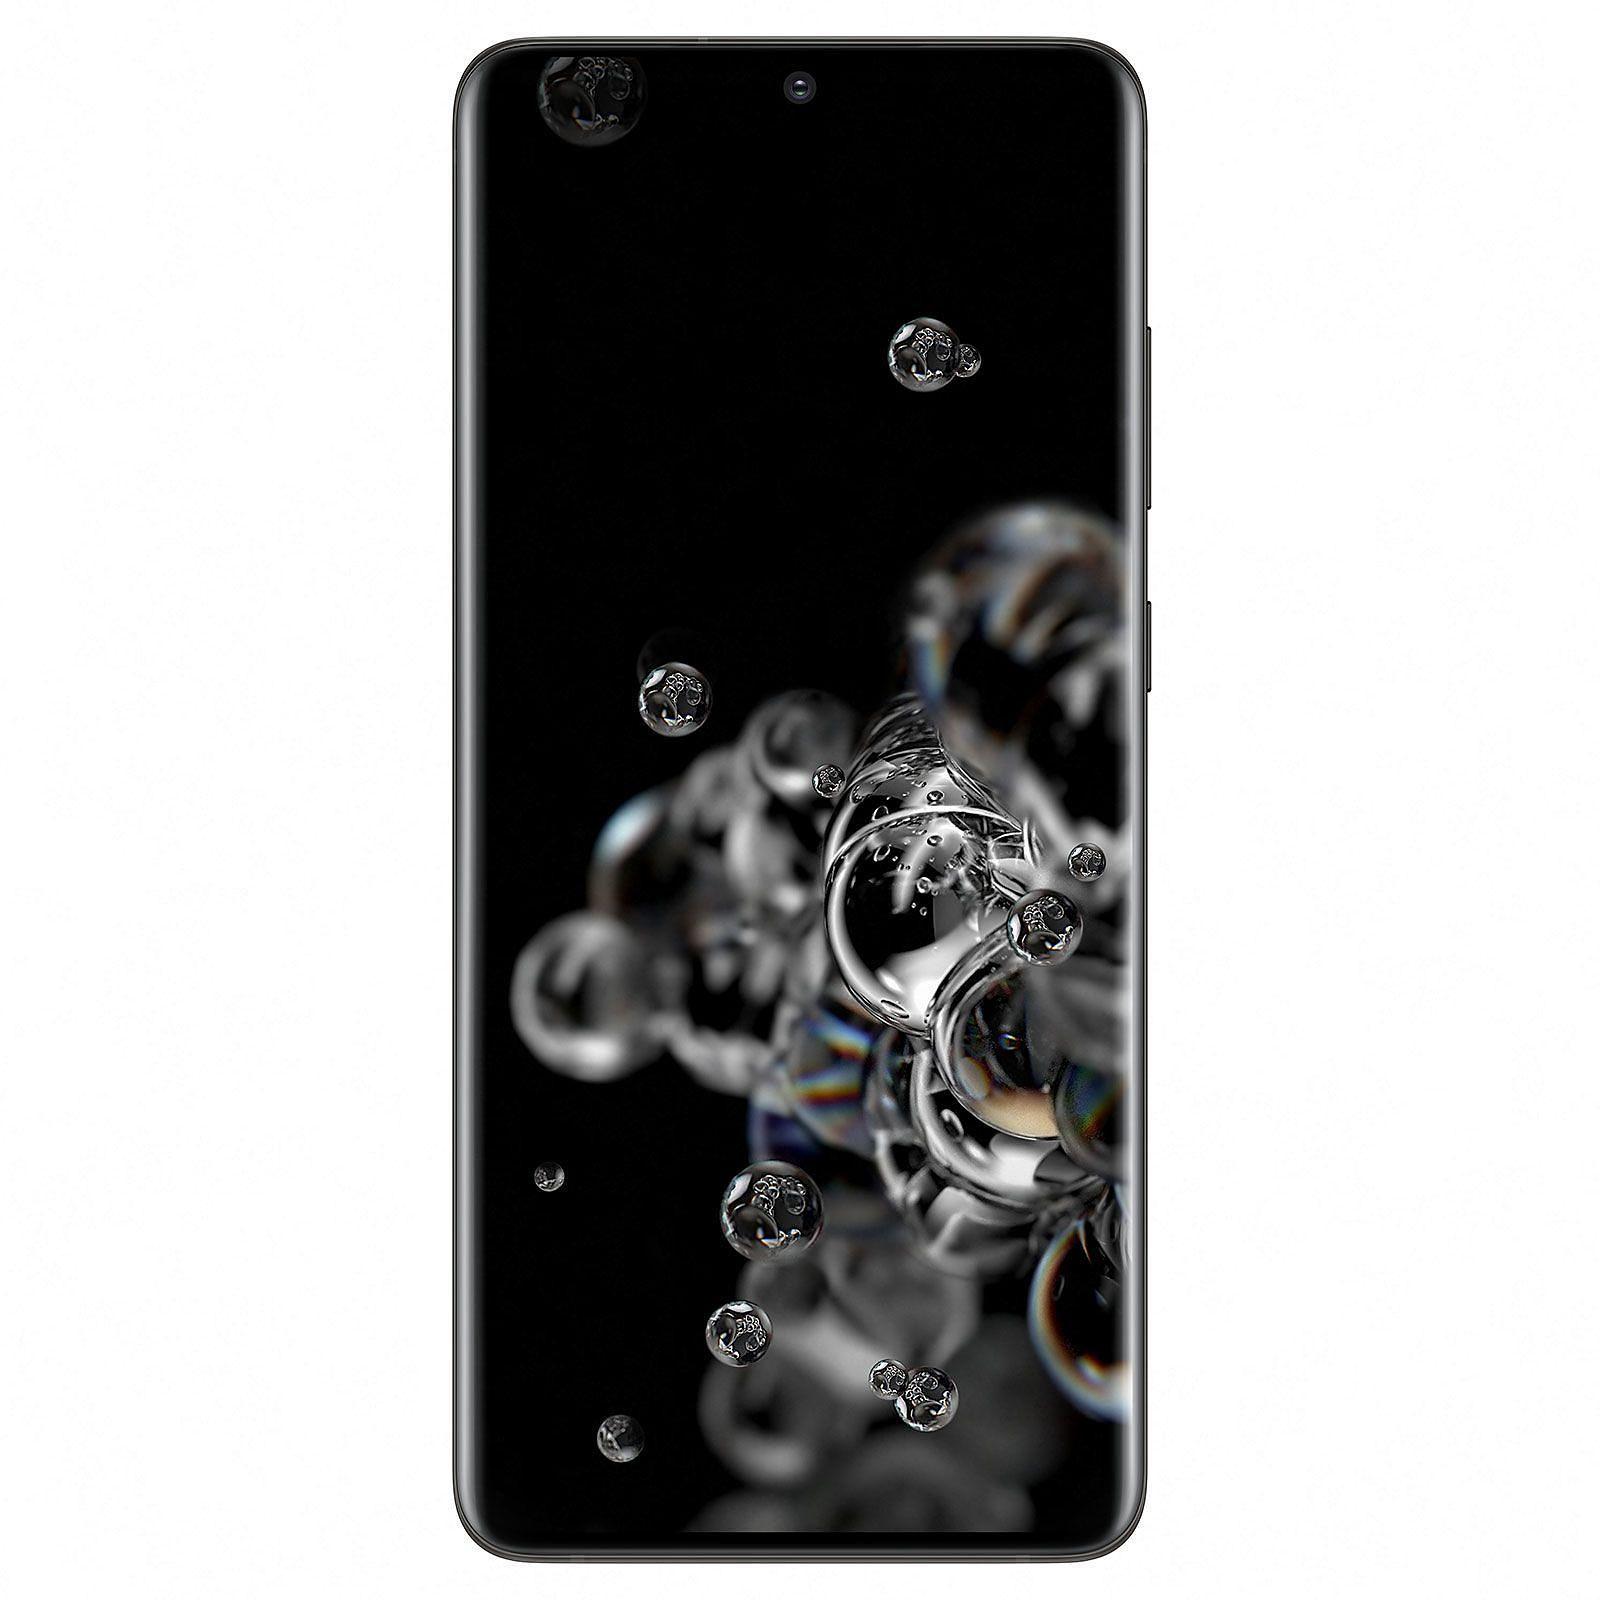 Samsung Galaxy S20 ultra noir 128Go - Téléphonie Samsung - 0